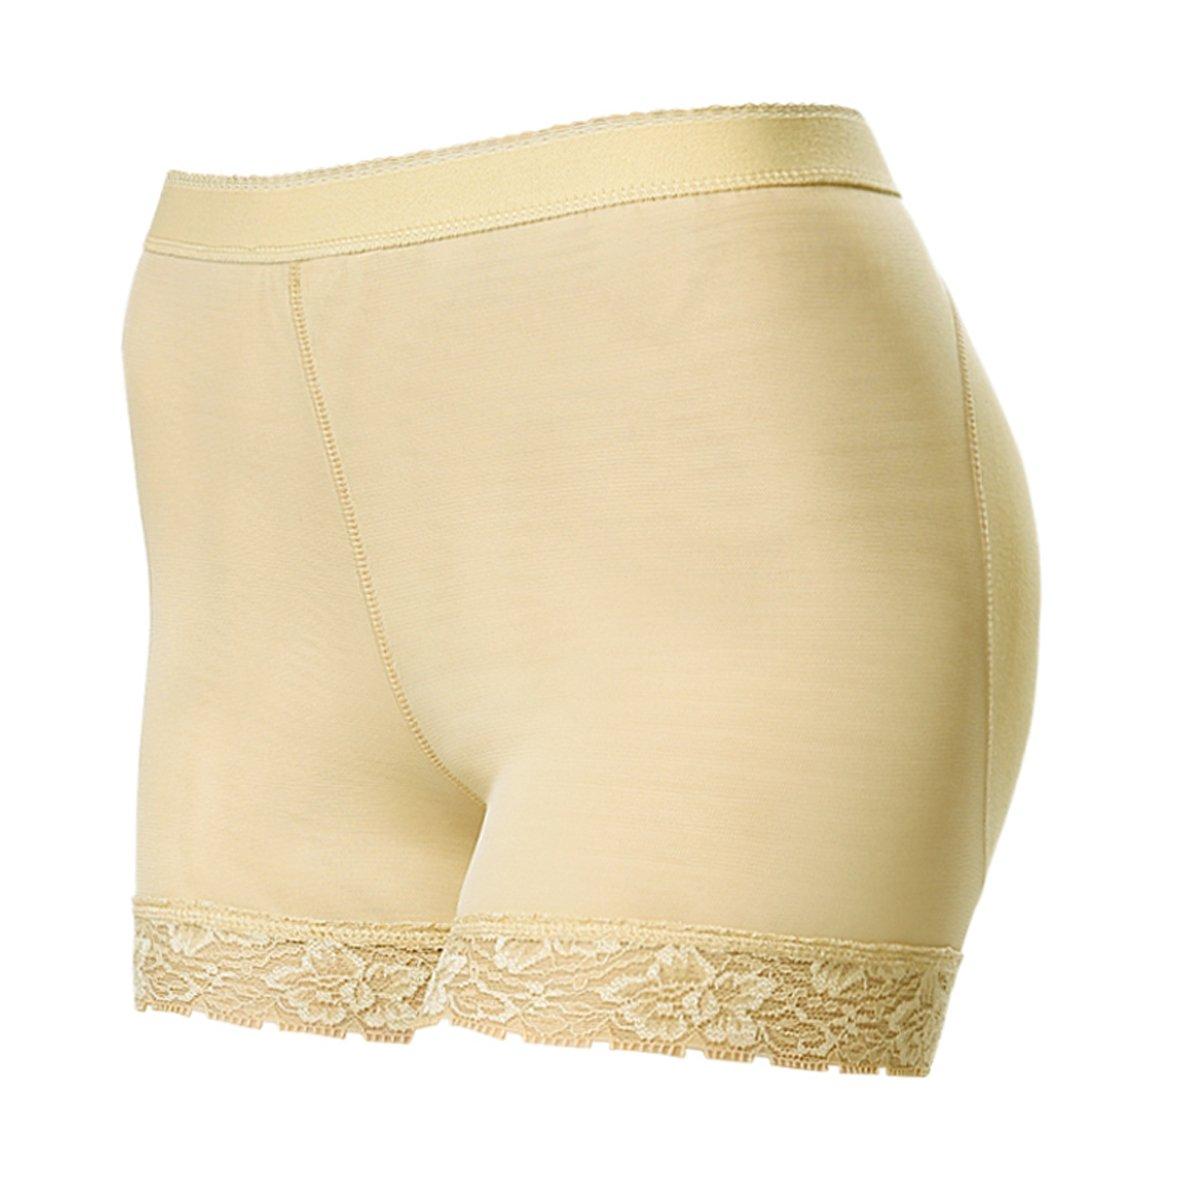 Junlan Women's Seamless Butt Hip Enhancer Jacquard Shapewear Hip Butt Padded Panty J-1518-B-M/L-GG25